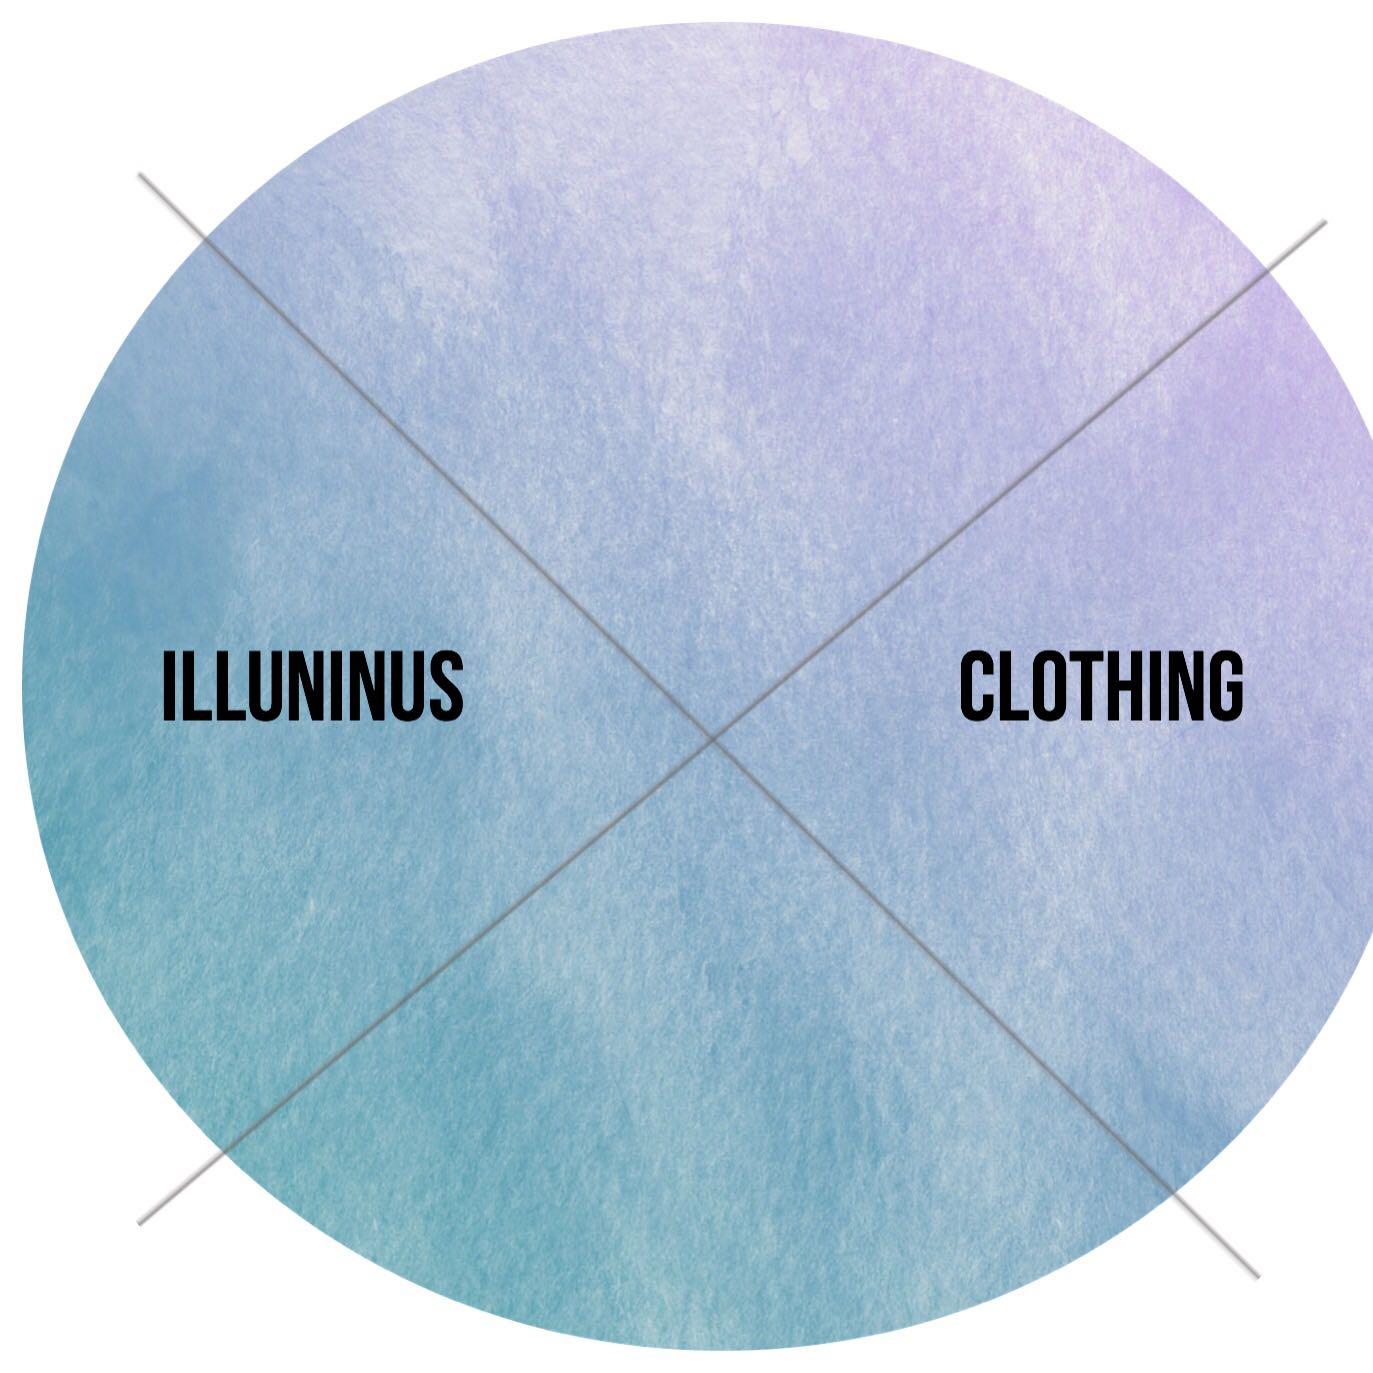 illuninus